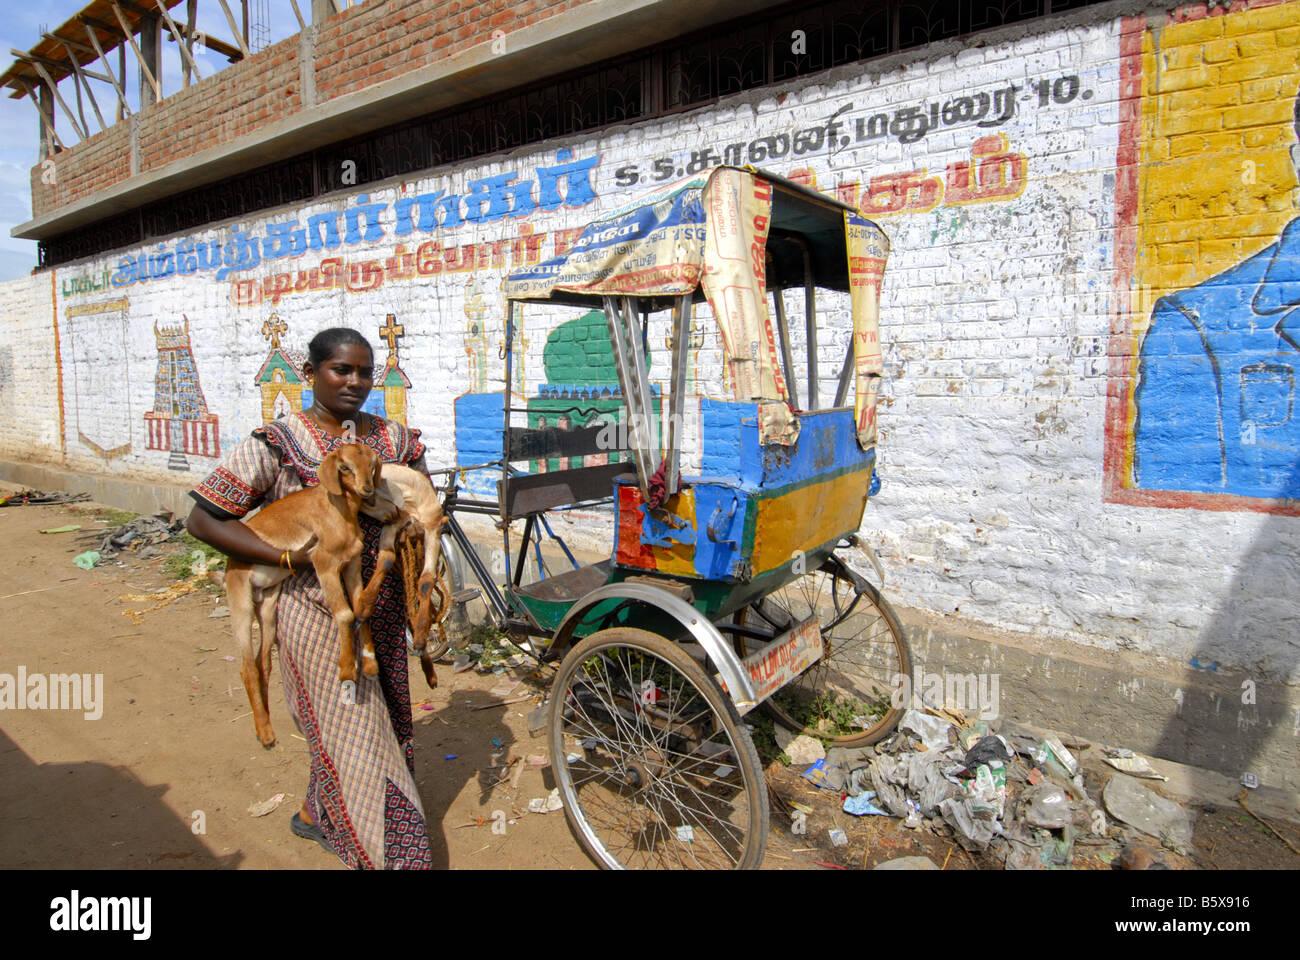 Graffiti On The Wall In Madurai Tamilnadu Stock Image